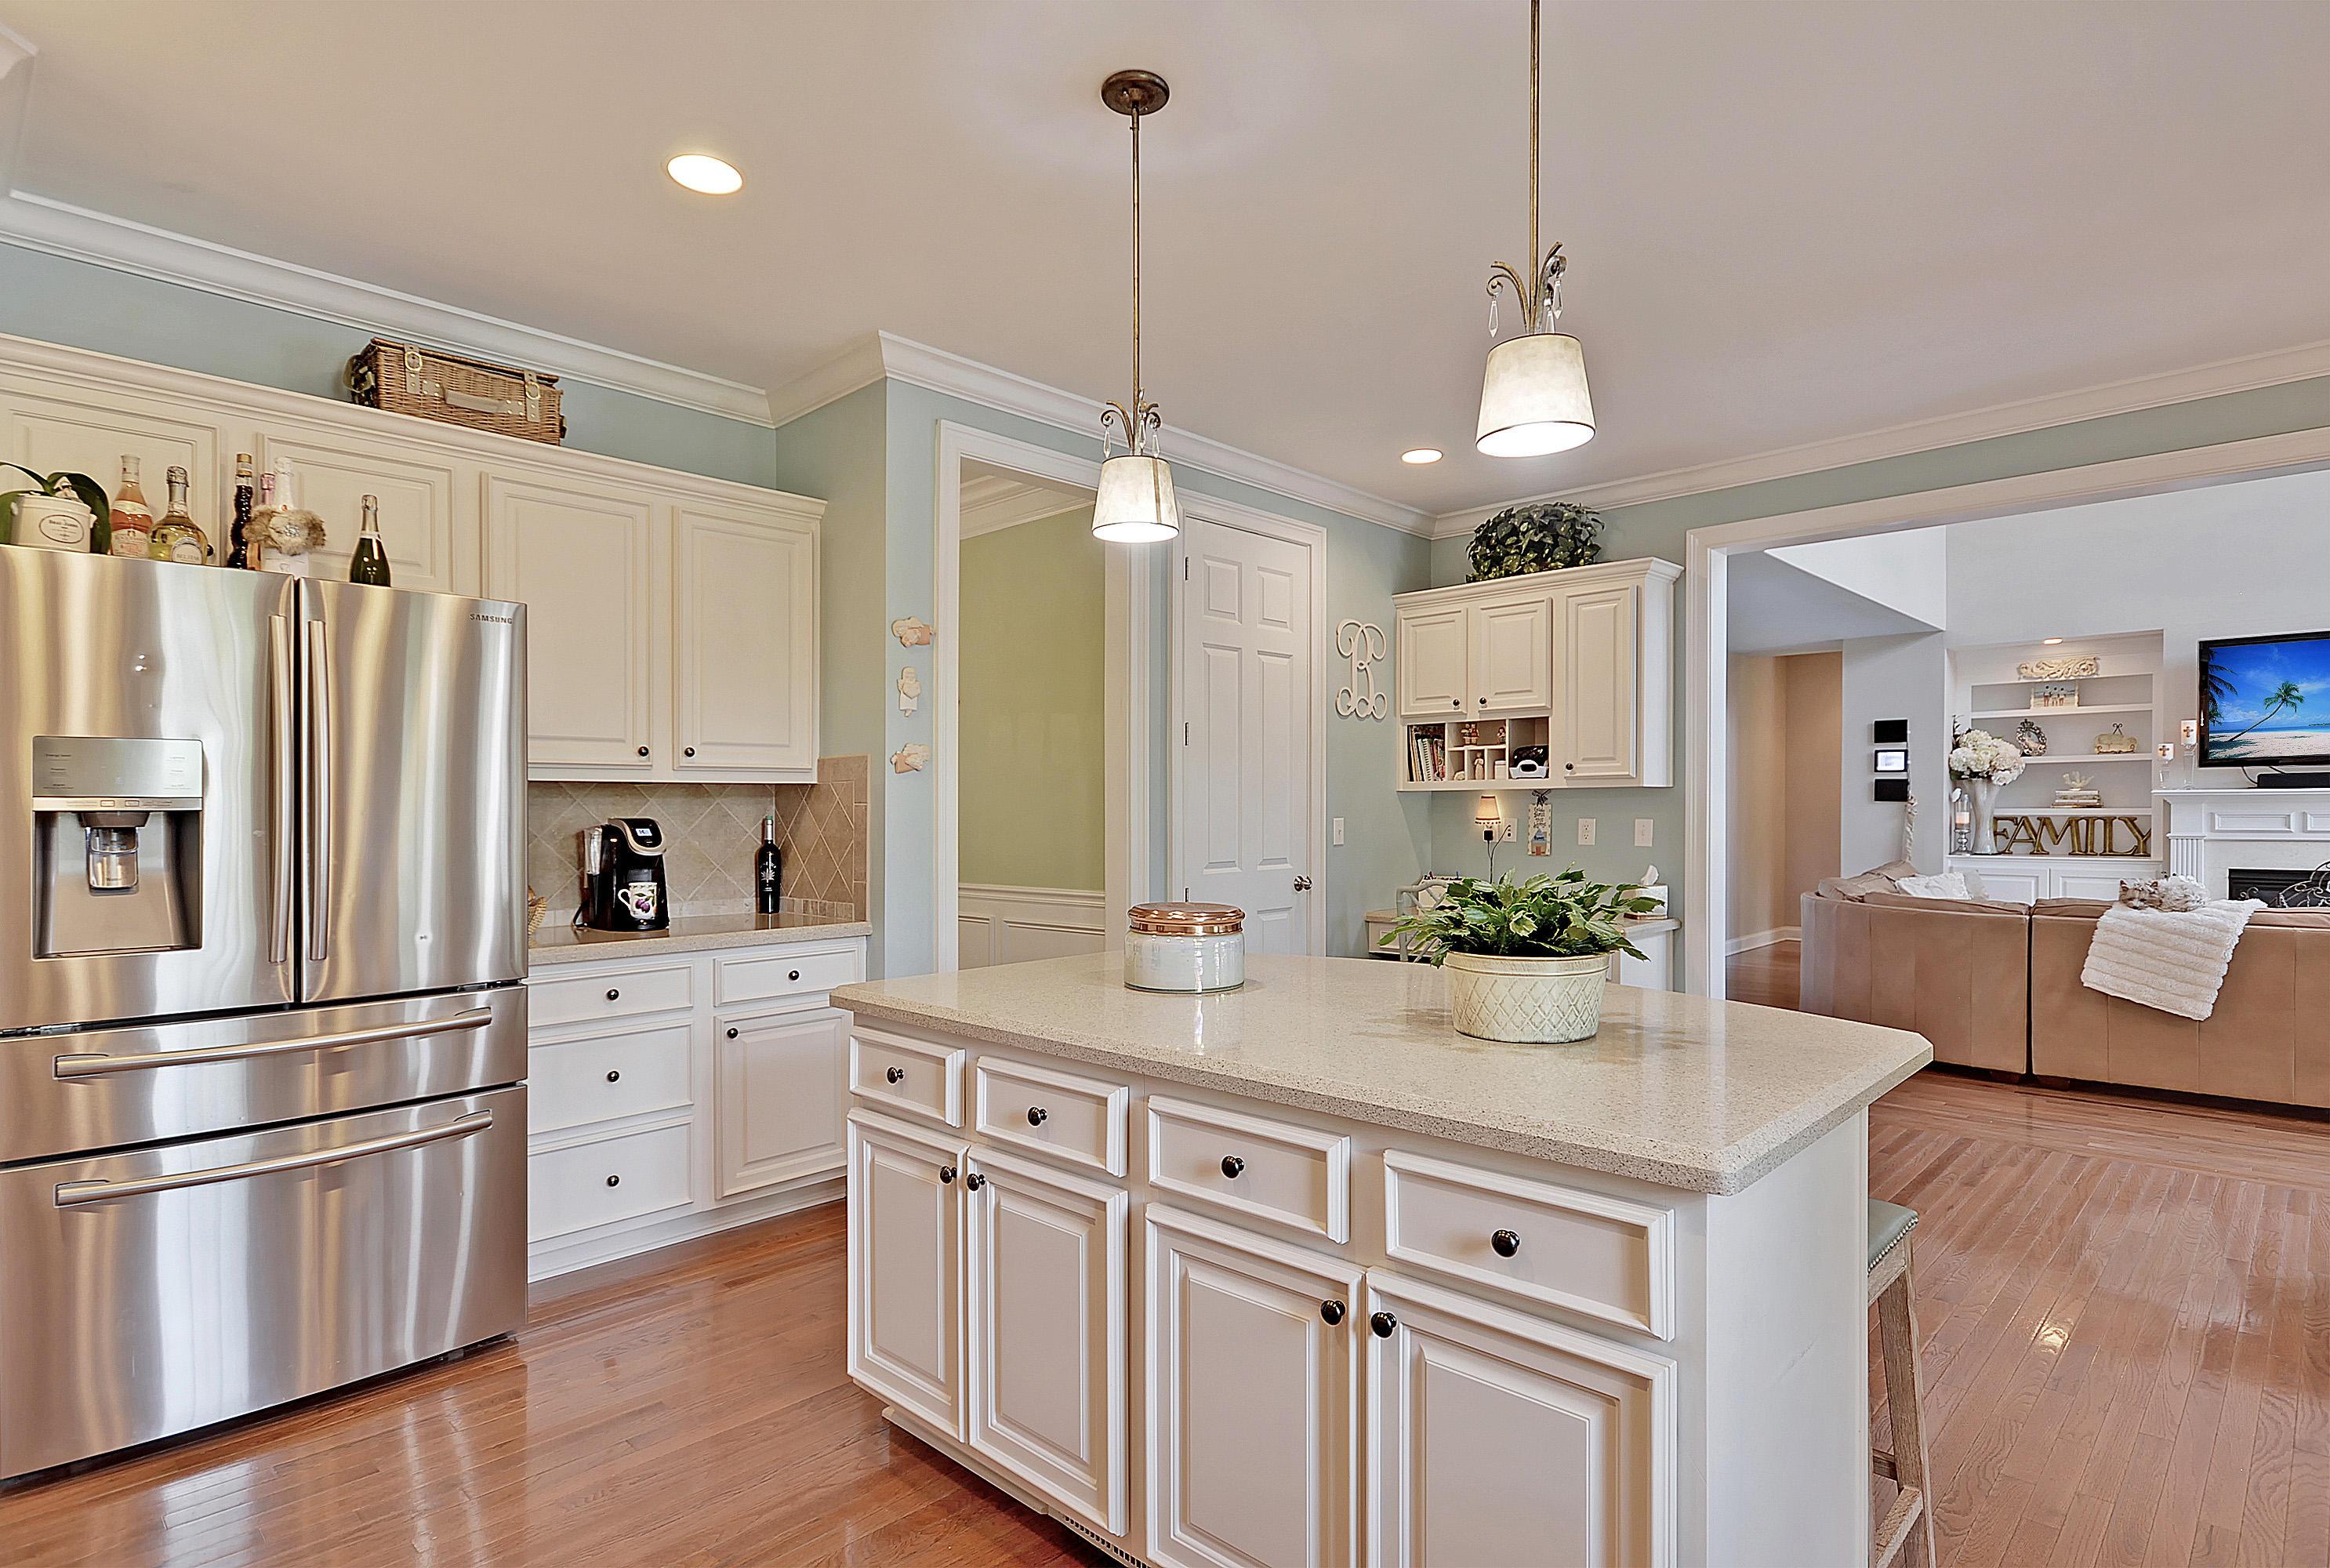 Dunes West Homes For Sale - 2708 Oak Manor, Mount Pleasant, SC - 19